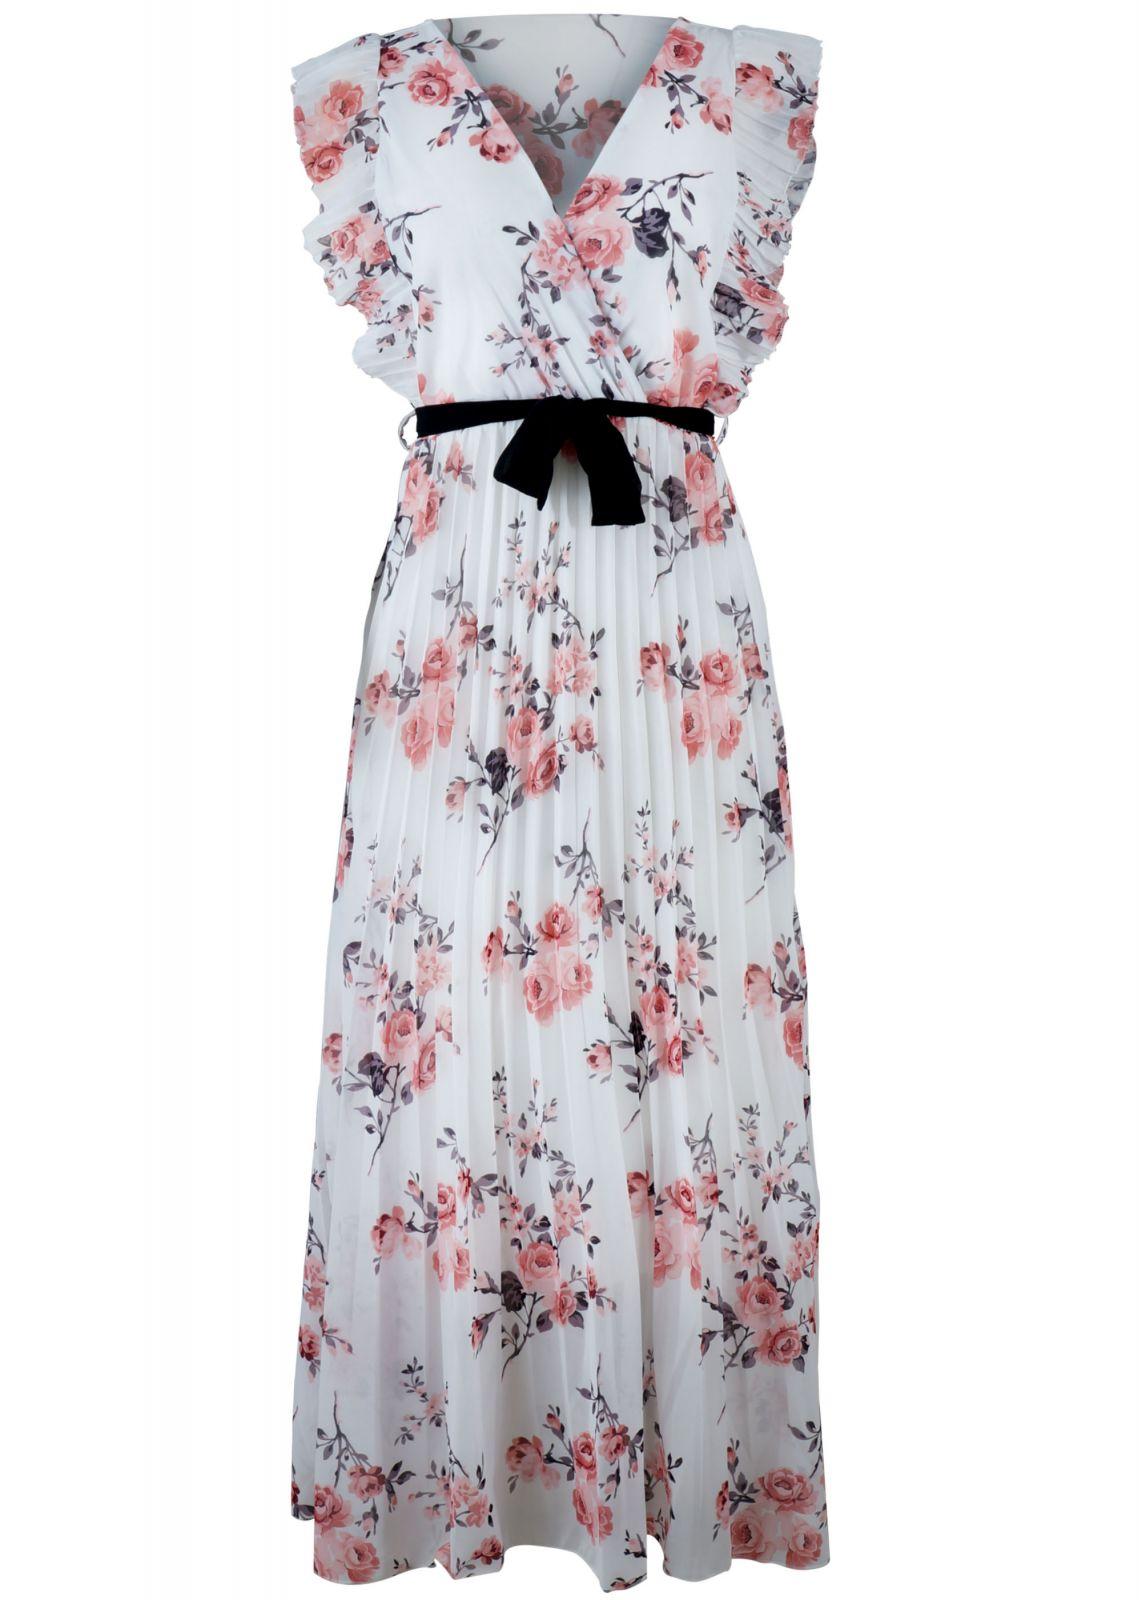 Γυναικείο maxi φόρεμα all print floral. ΛΕΥΚΟ